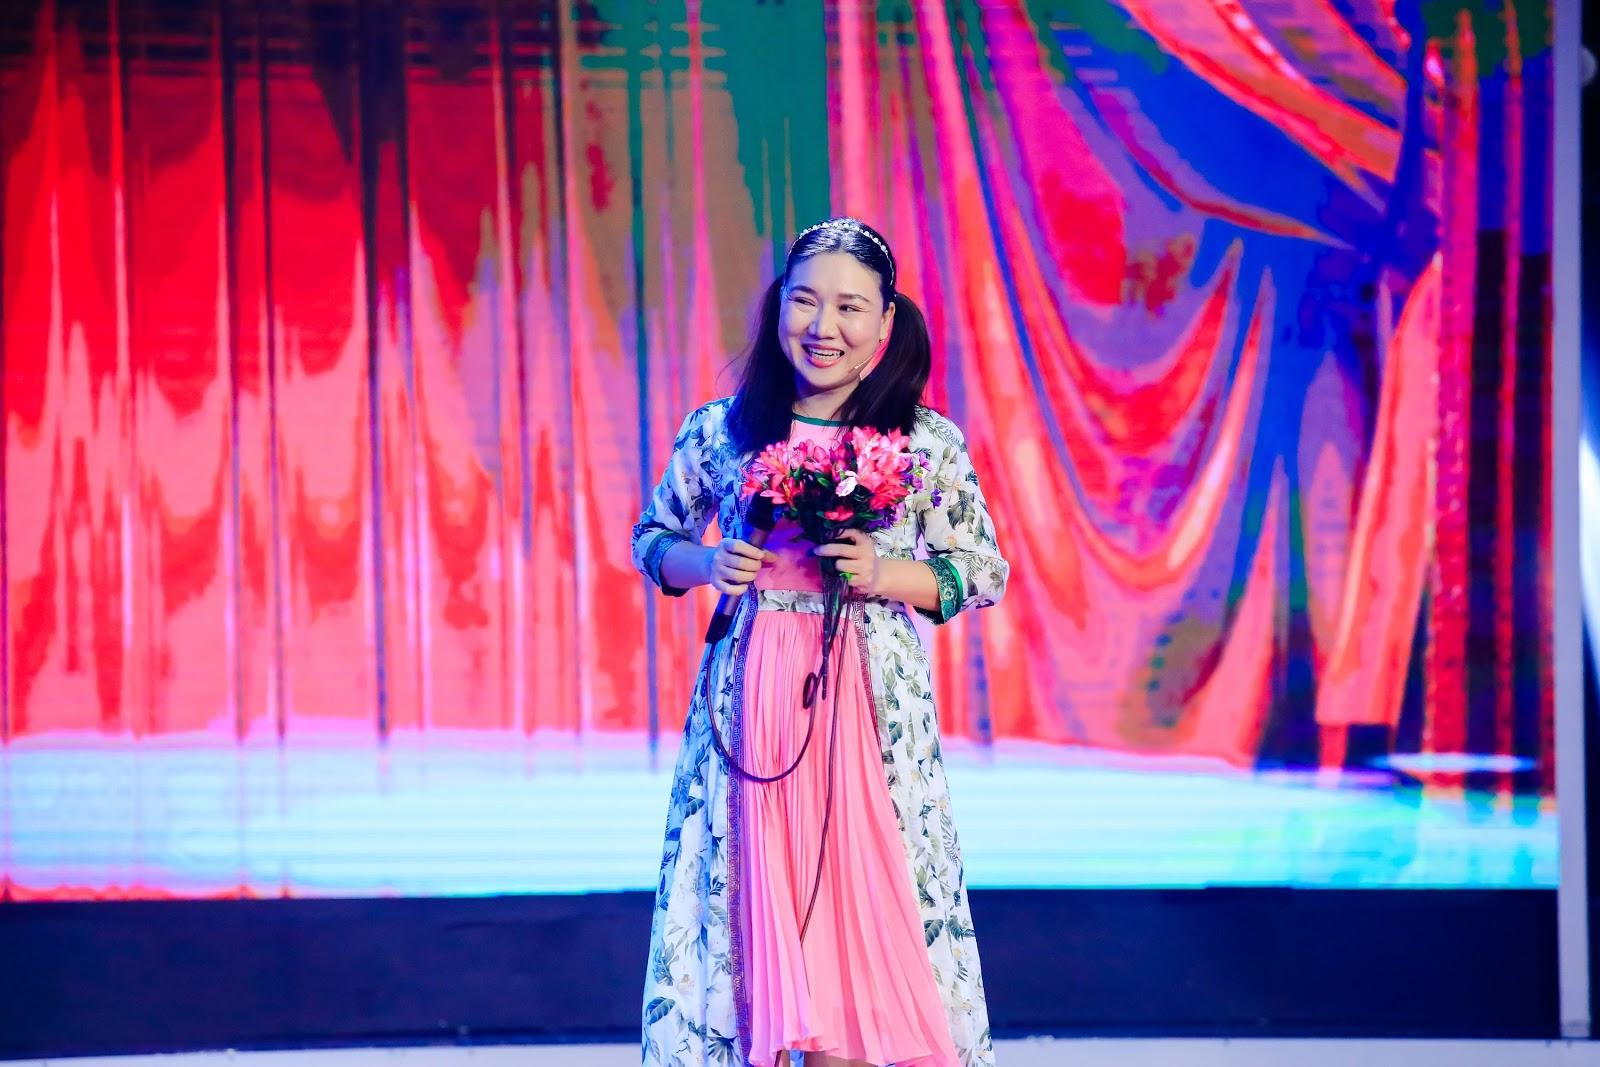 Phương Thanh bật khóc nhớ đến Minh Thuận khi xem con trai Công Hậu diễn kịch - Hình 8